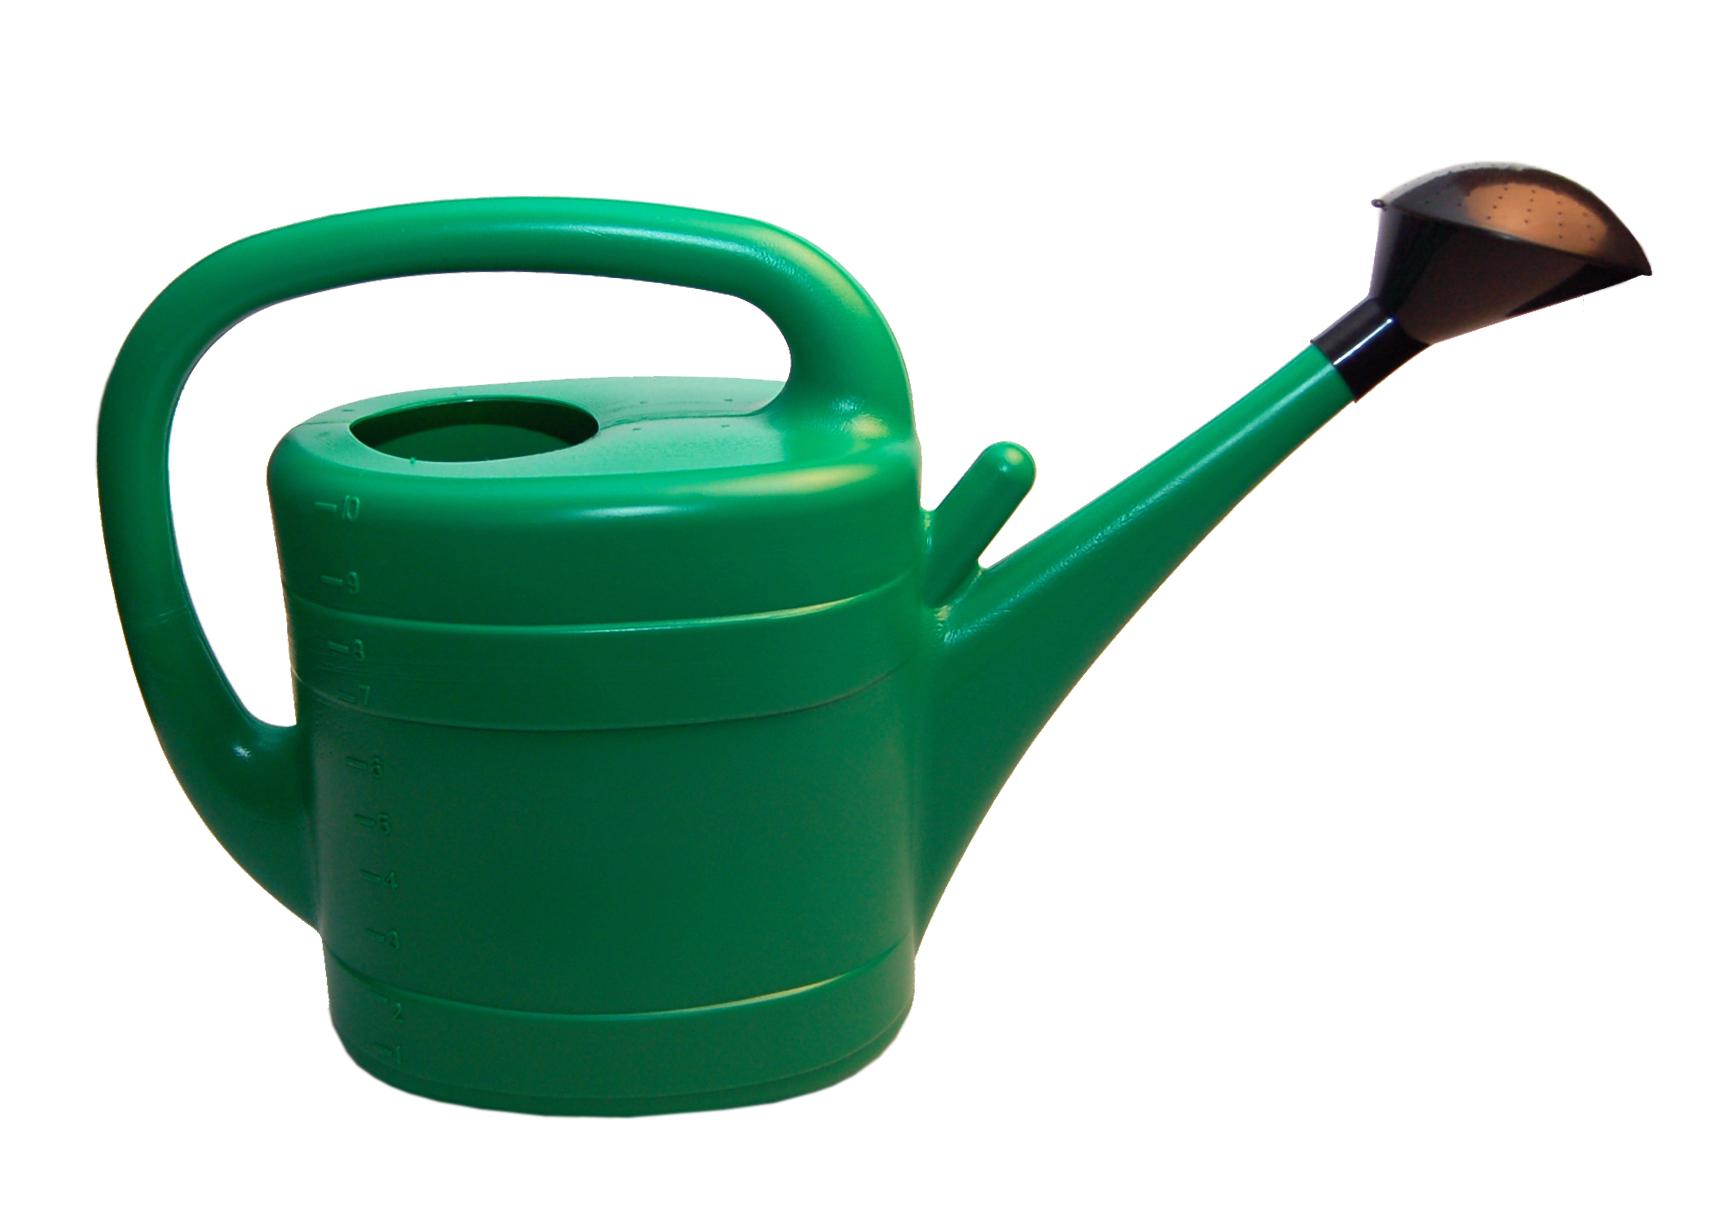 Vandkande 10 L. - Grøn